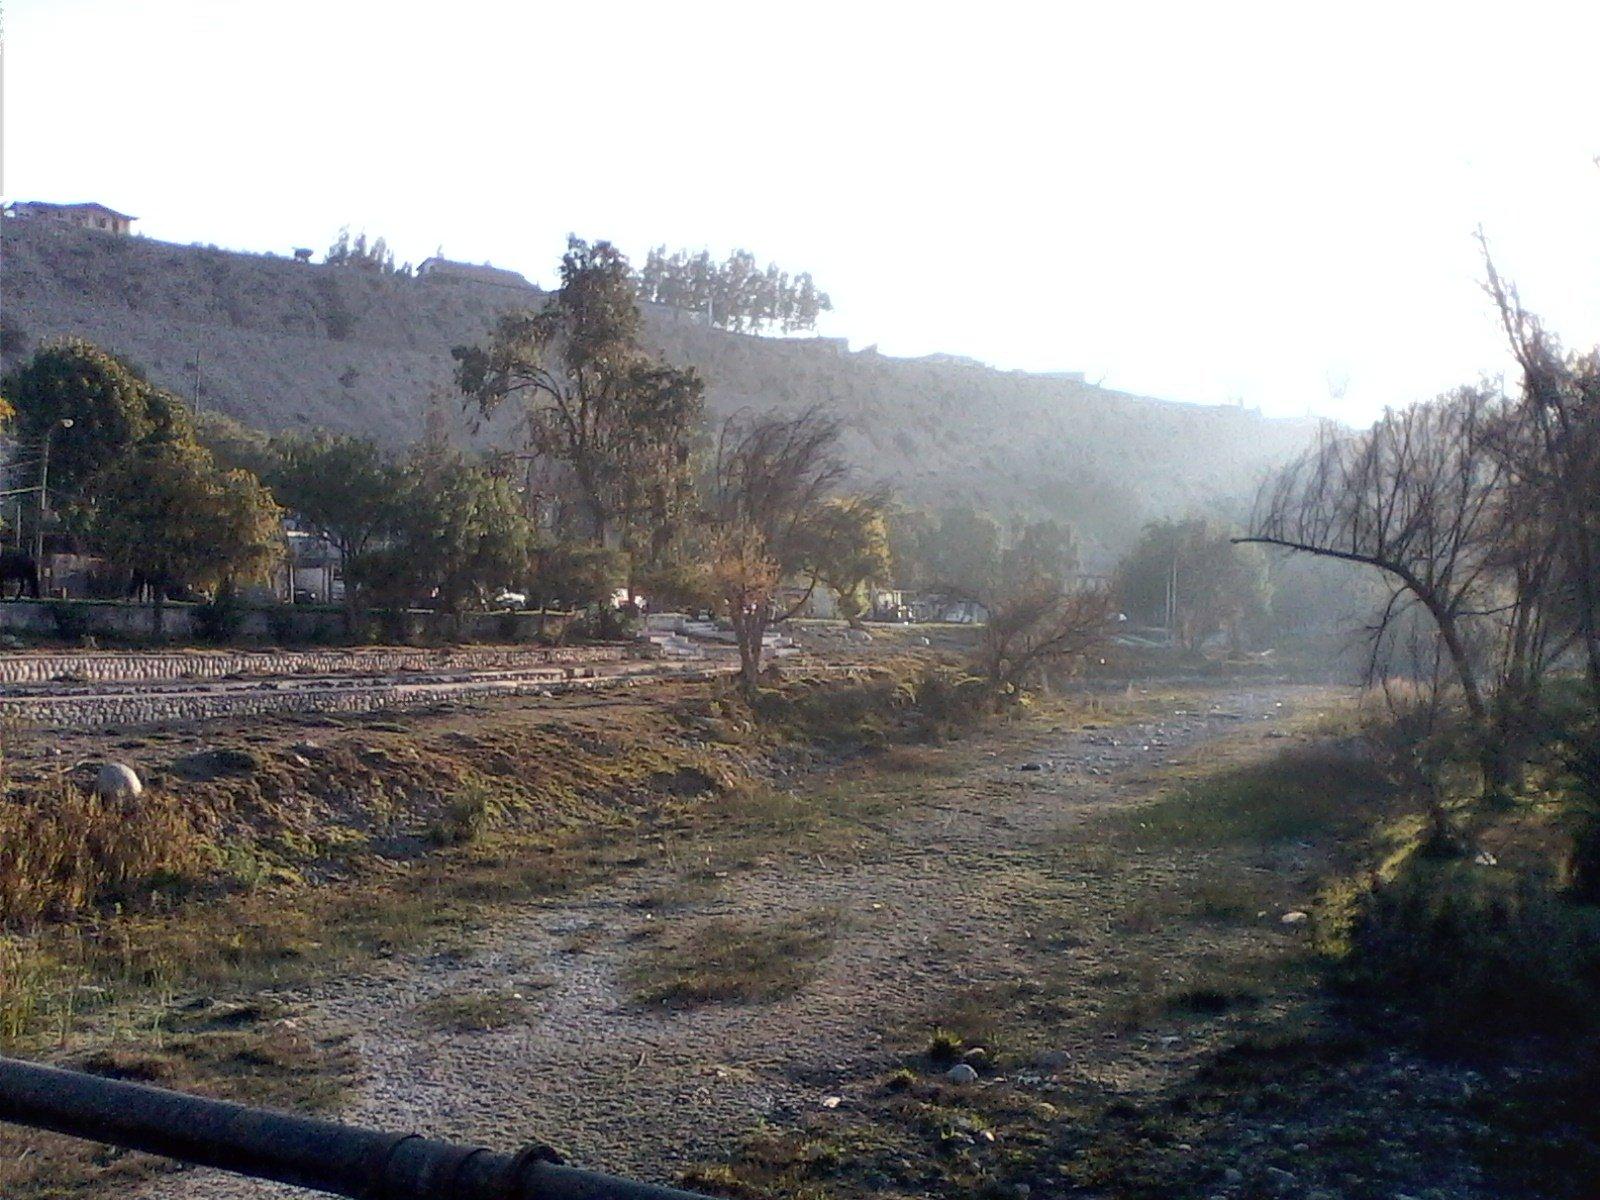 Medirán agua disponible para riego en el Huasco con ayuda de satélites de la NASA